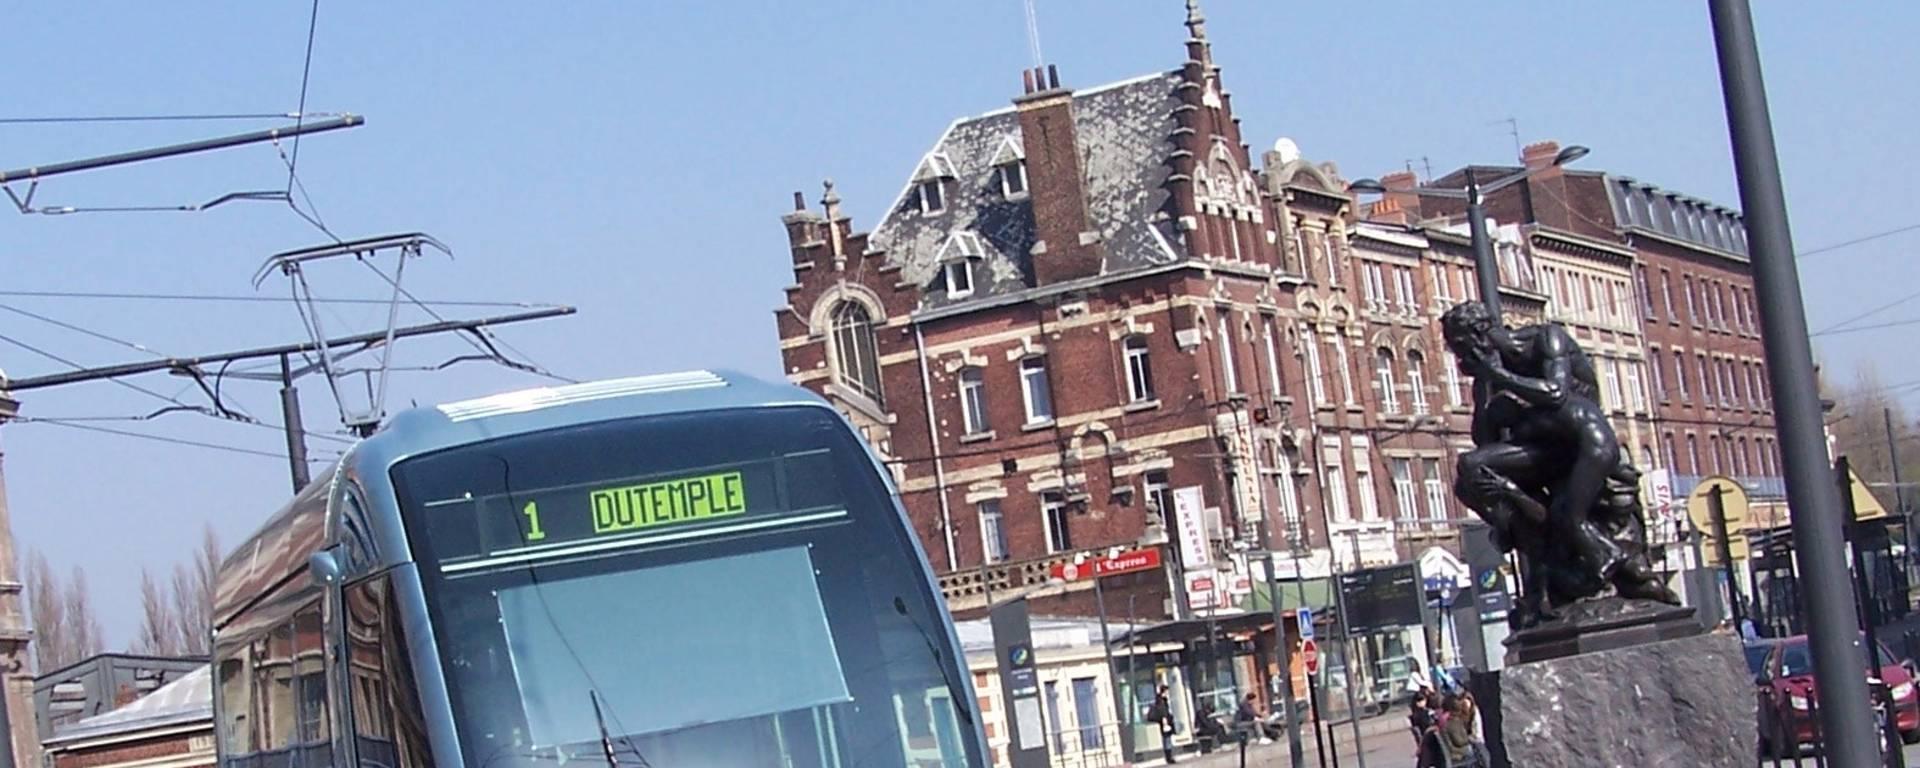 Valenciennes-visite-en-tramway-Gare